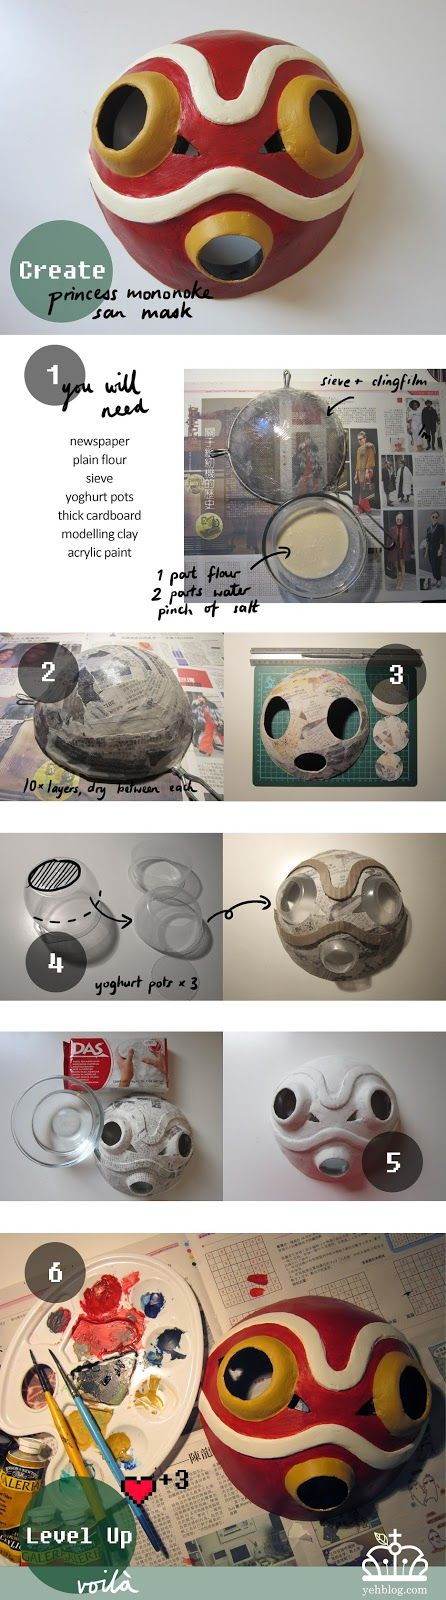 yeh!blog: DIY How to make Princess Mononoke Mask